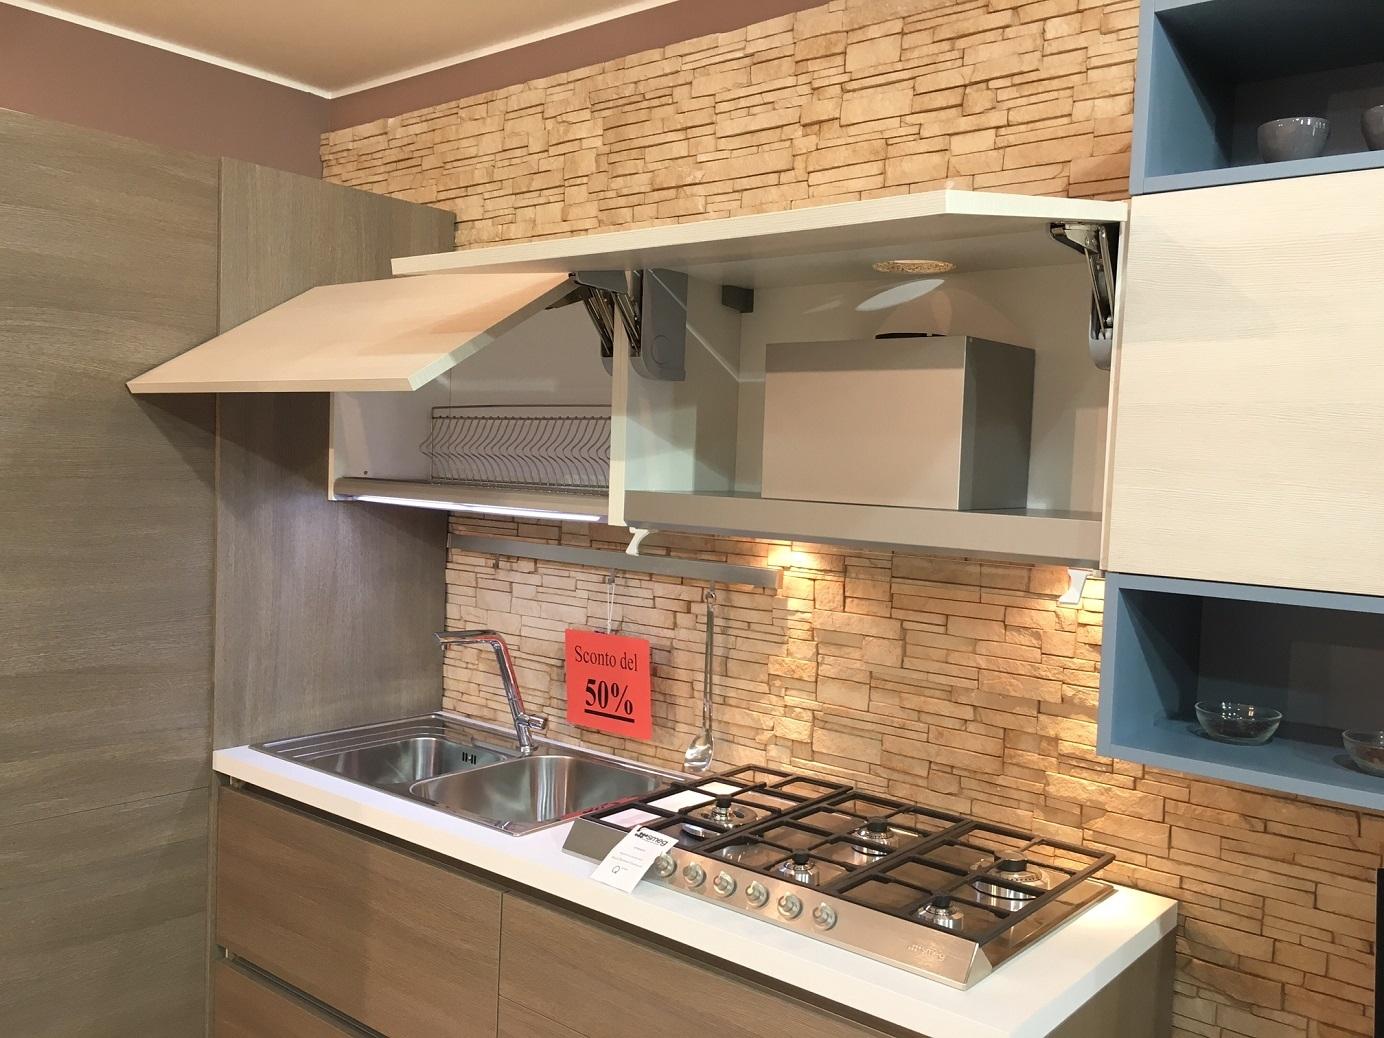 Cucina artre angolare in melaminico effetto legno cucine - Cucina laminato effetto legno ...